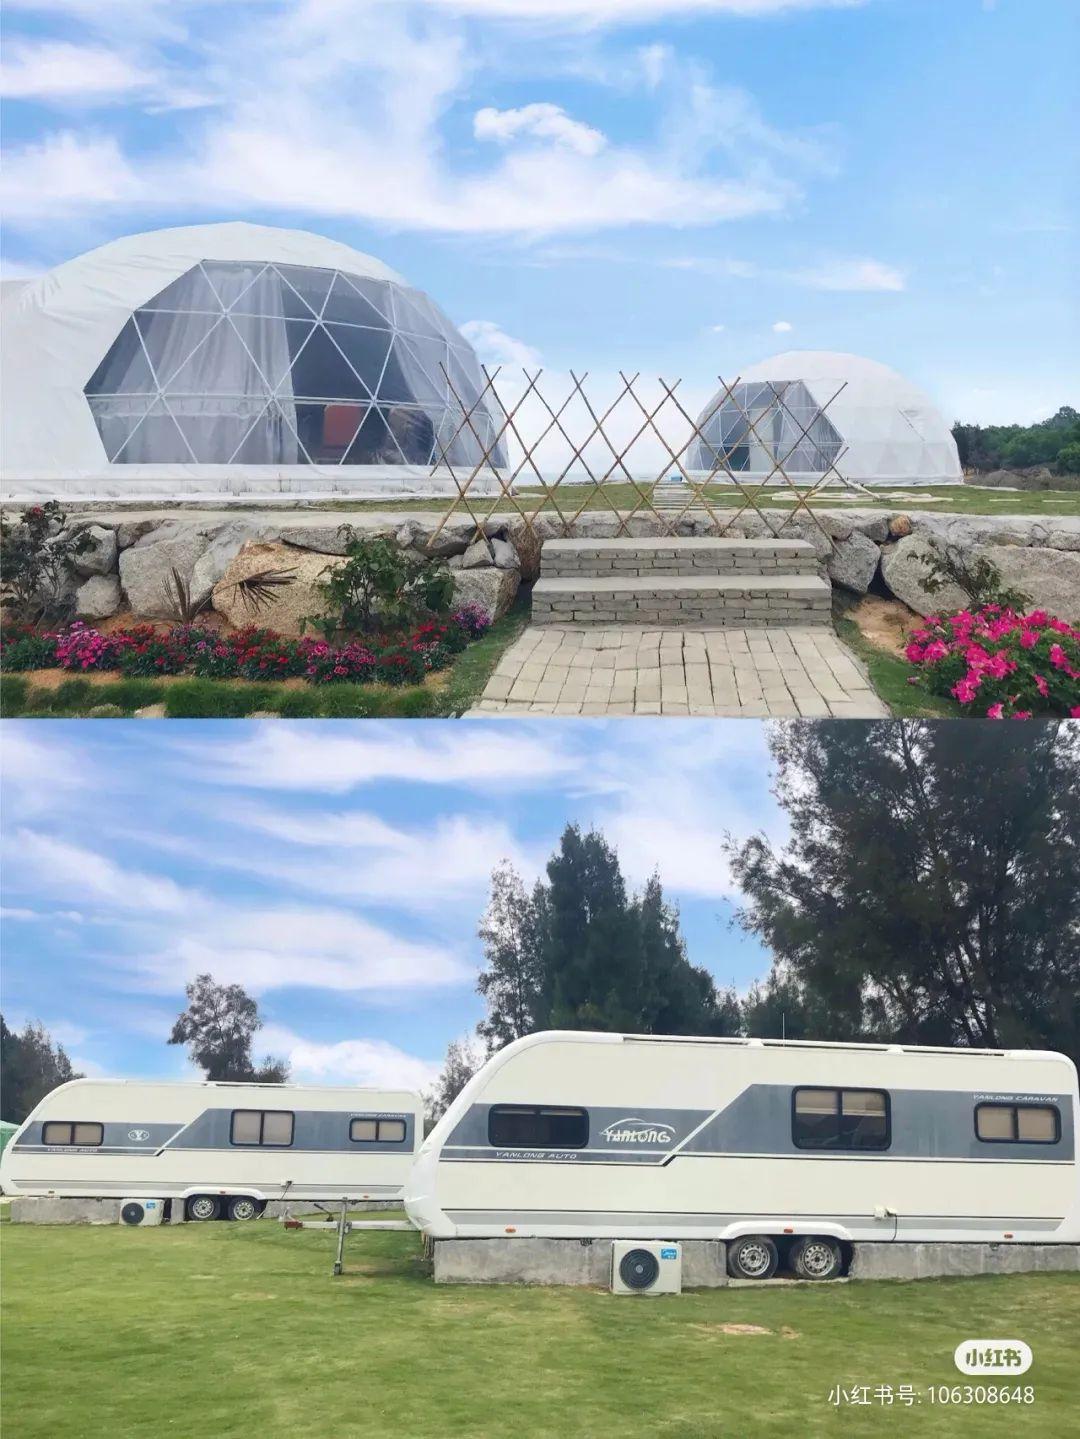 陆丰浅澳沙滩区的房车营地 背靠大海非常美 汕尾吃喝玩乐 第4张